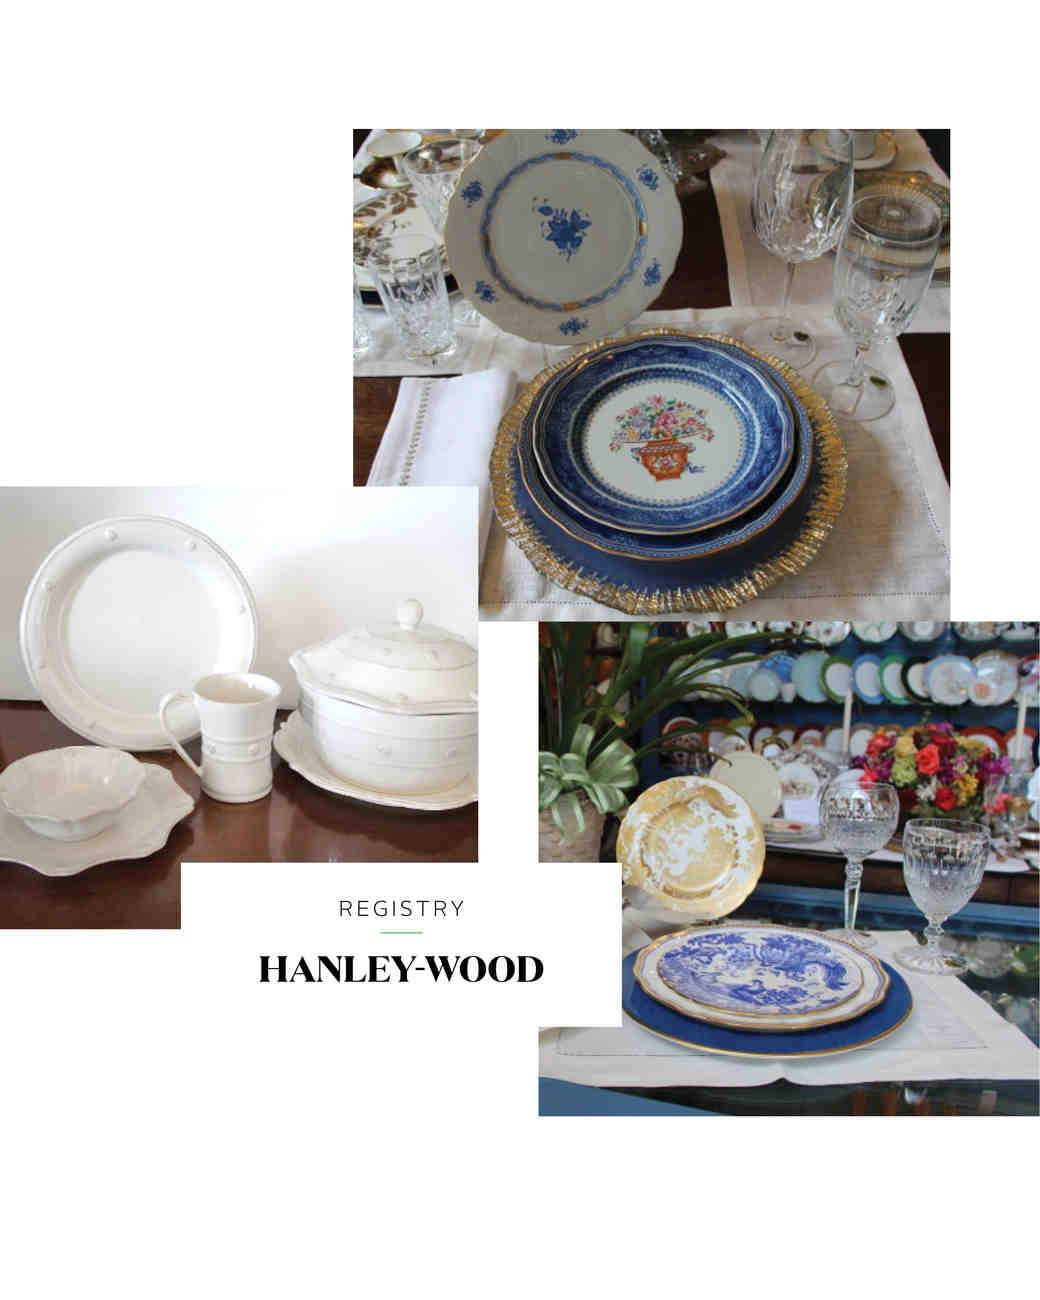 small-business-registry-hanley-wood-0714.jpg